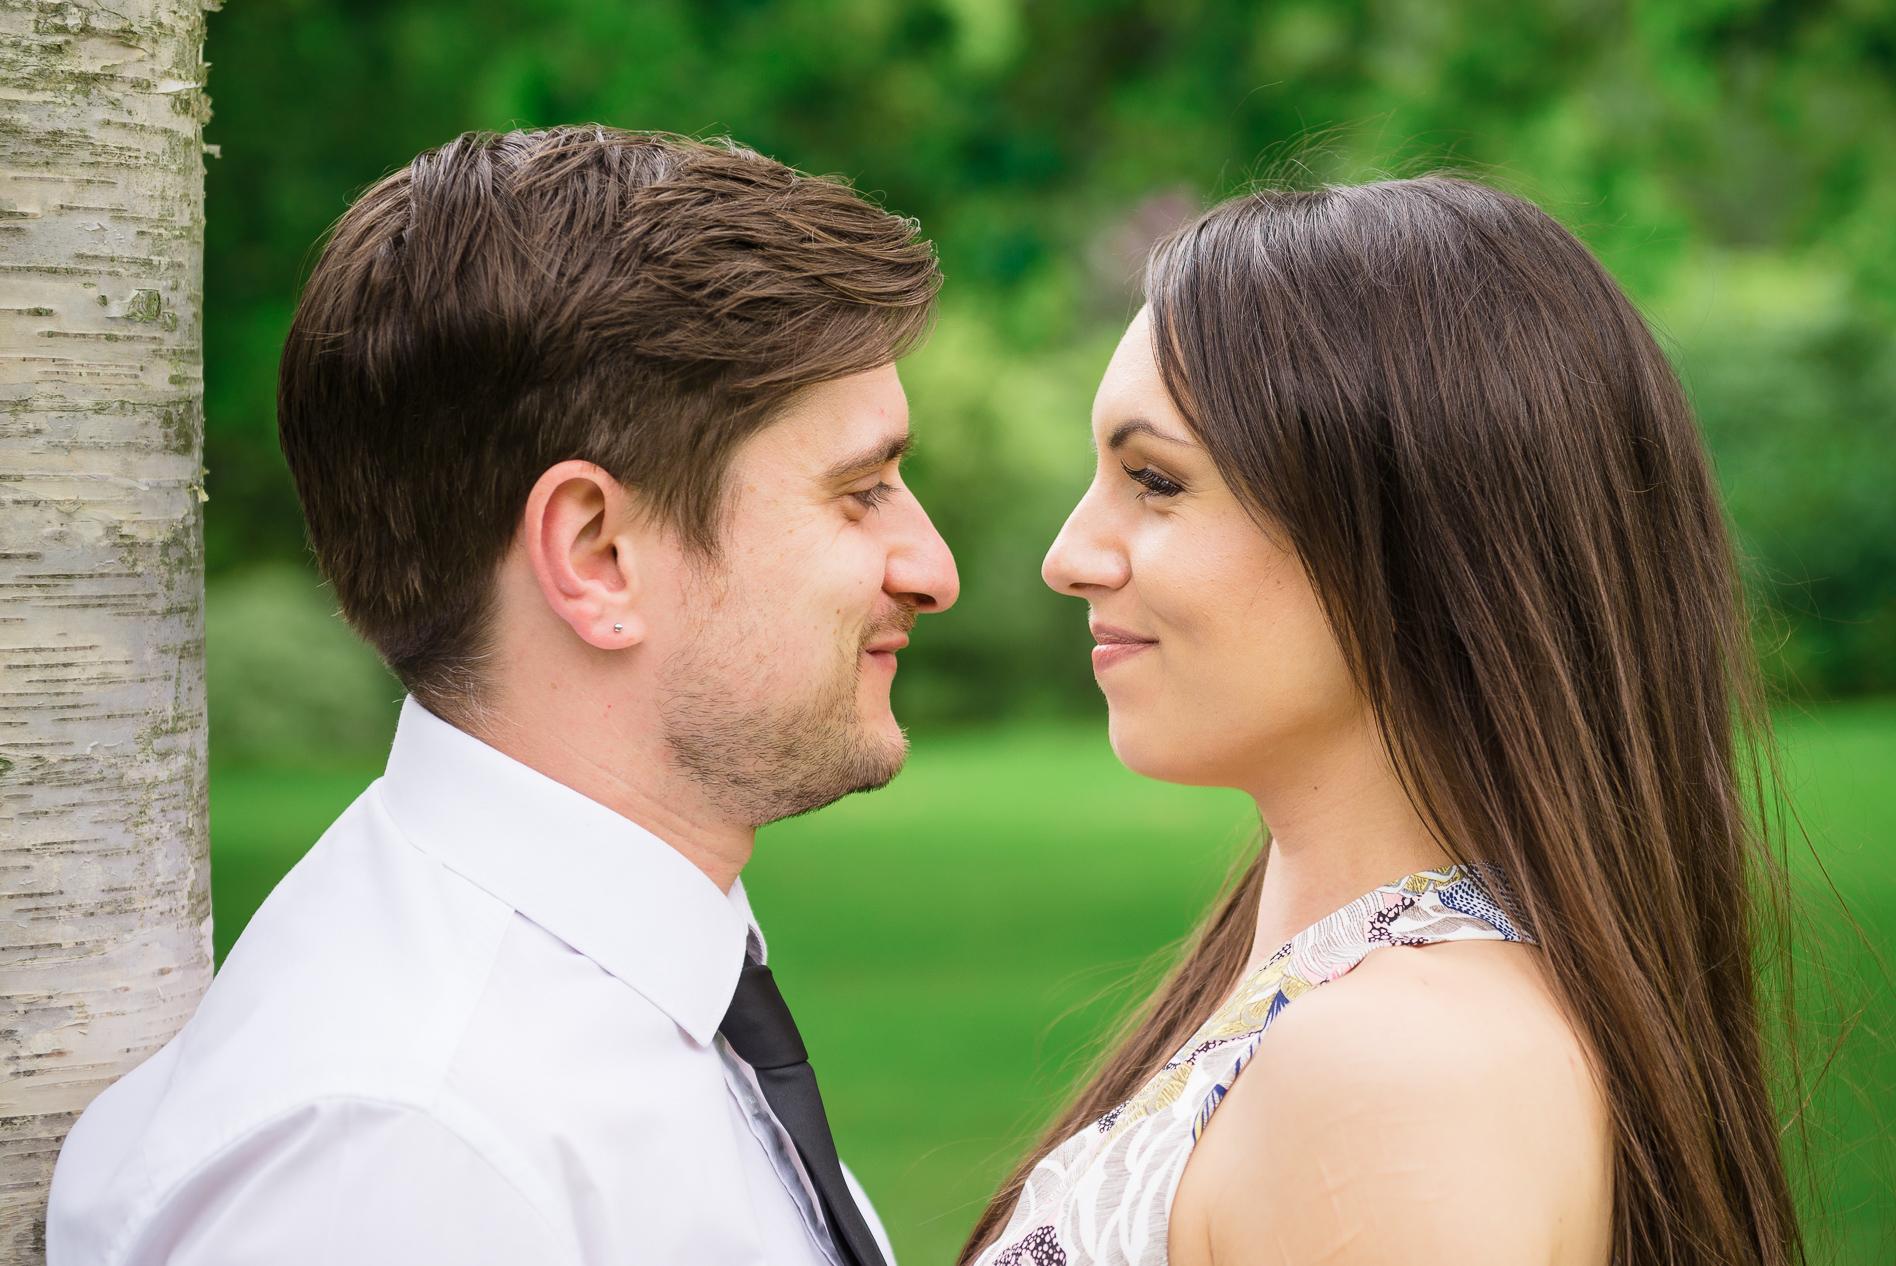 Bexley Pre-Wedding Photo Shoot